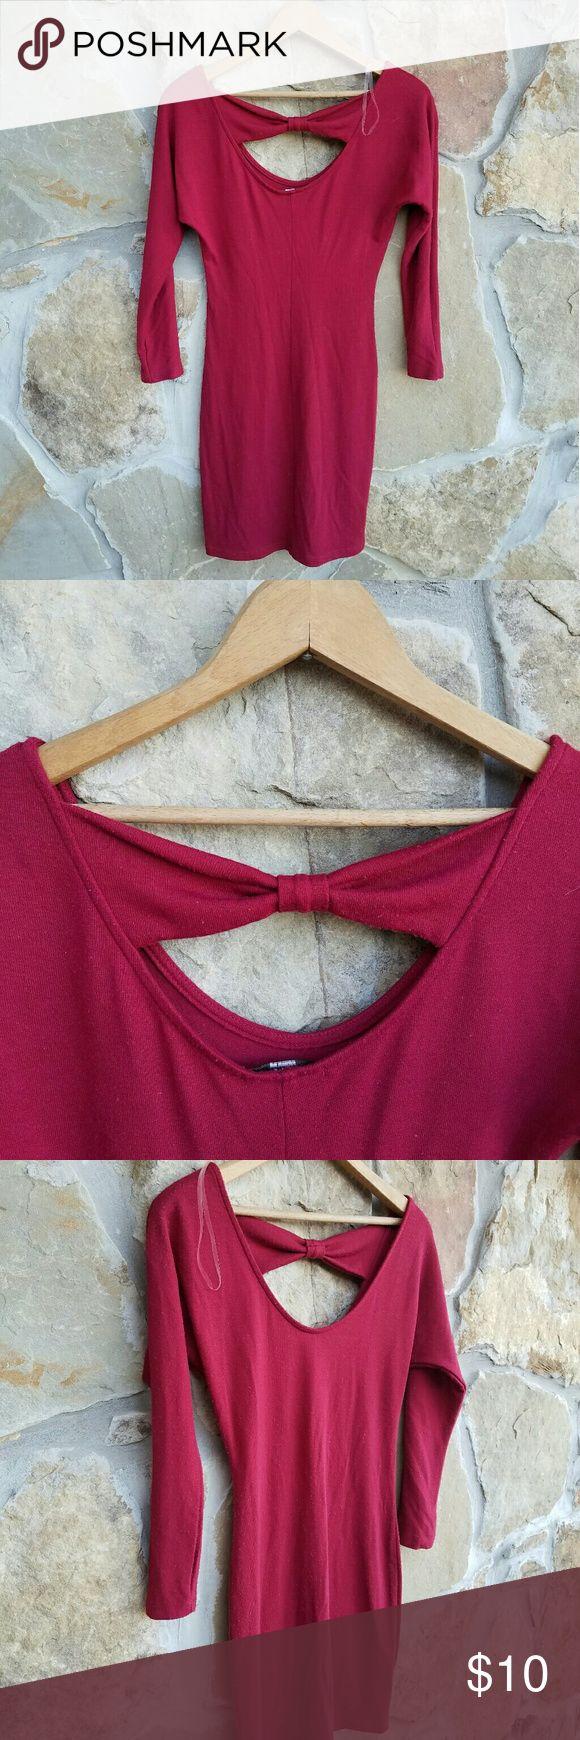 Body con dress Preloved  Conditon  Small body con dress by Soprano. Cloth cotton material. Soprano Dresses Mini